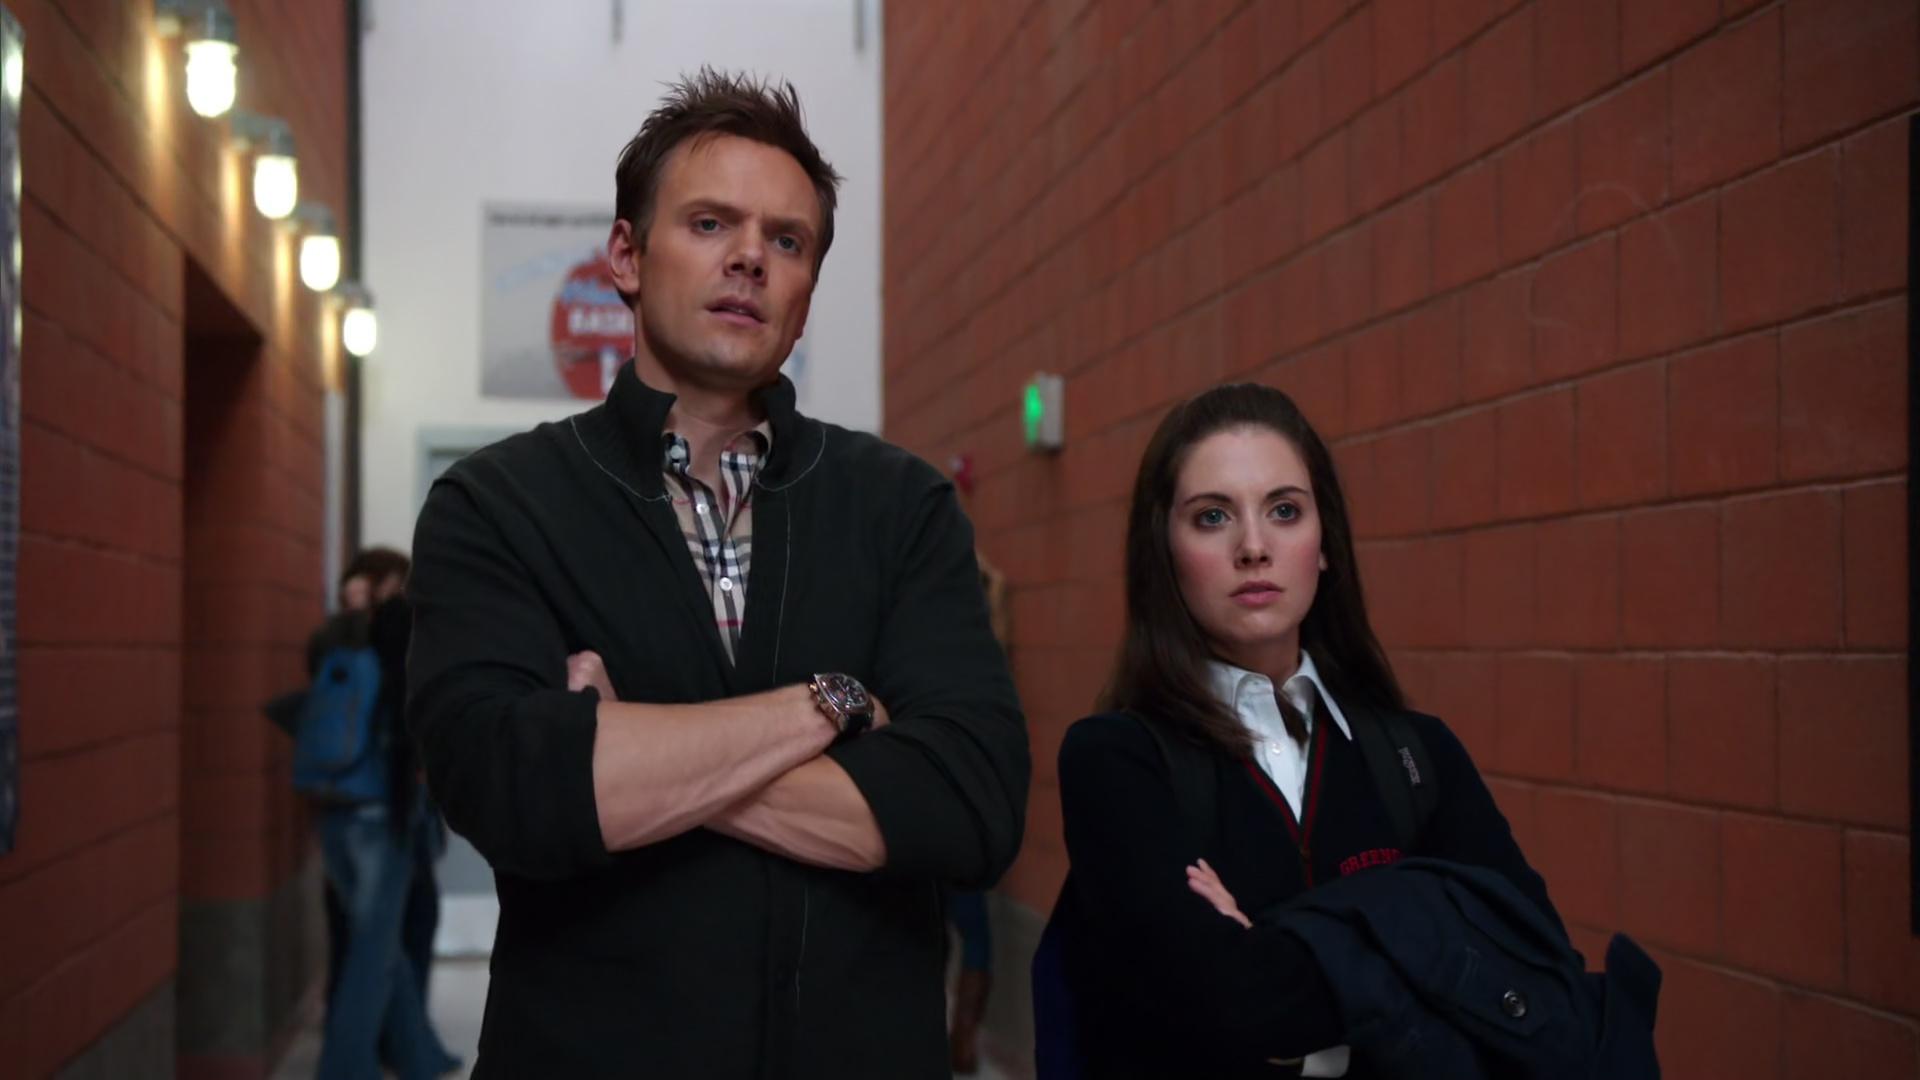 File:Debate 109 Annie and Jeff look on.jpeg